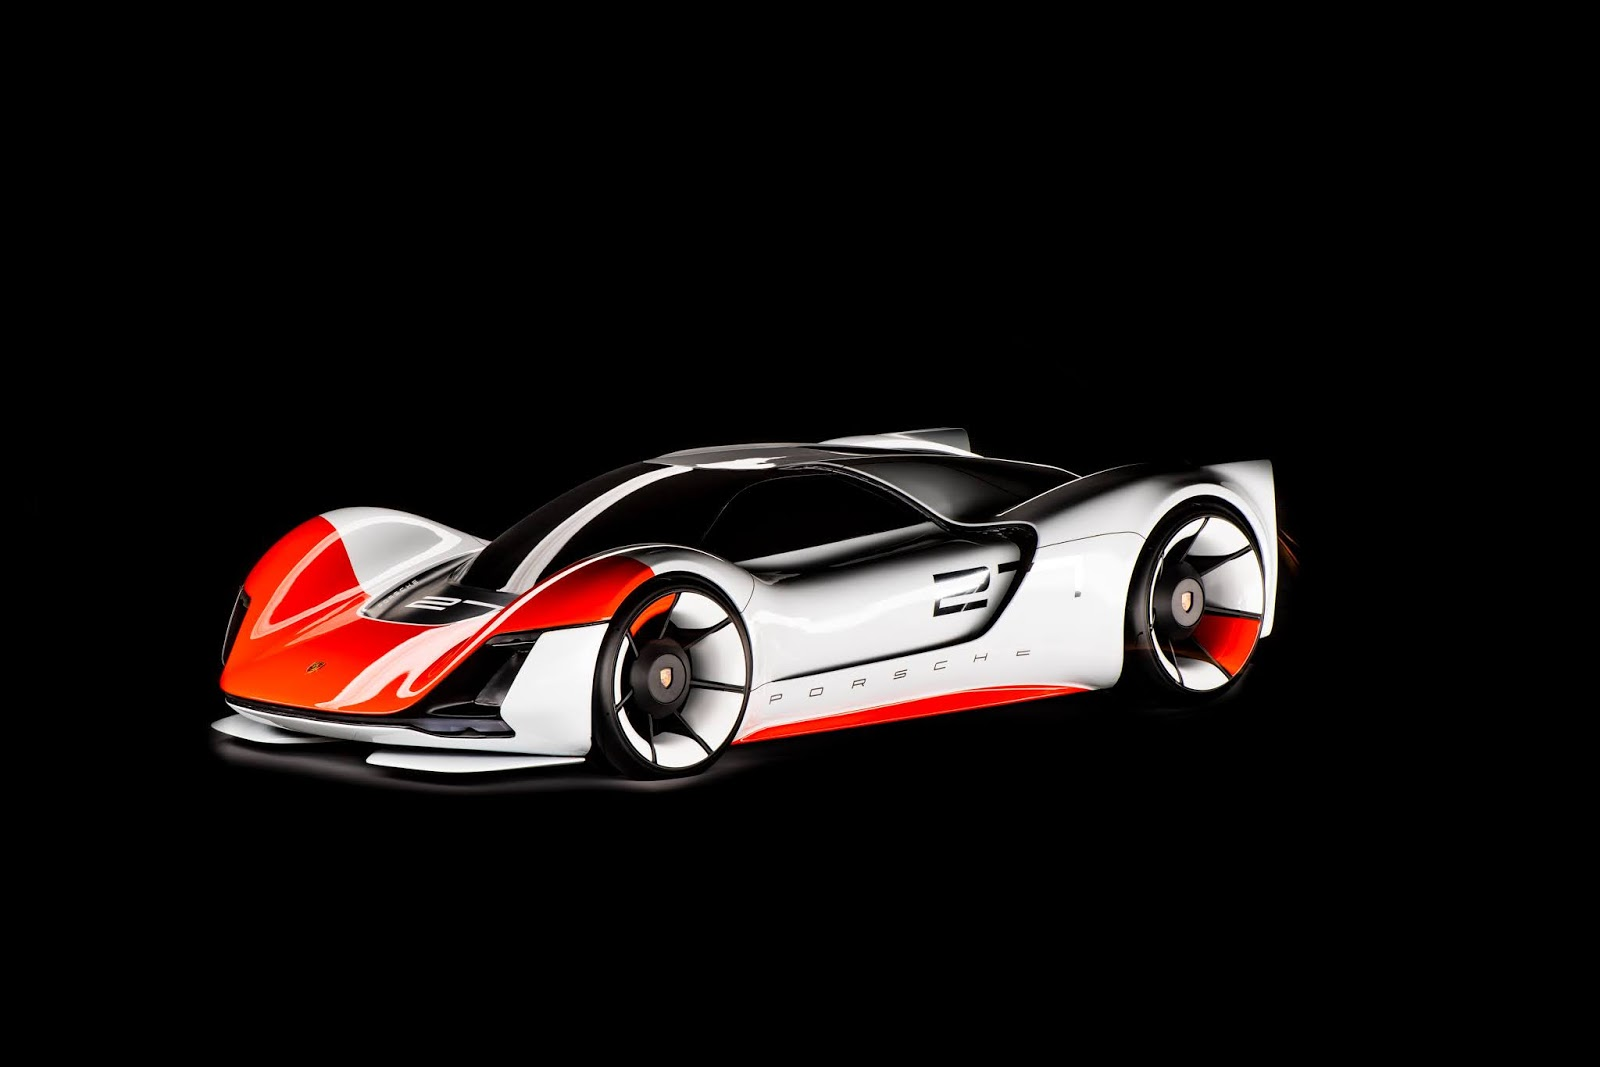 DSC9278 1 Τα άγνωστα Hypercars της Porsche hypercar, Porsche, Porsche Unseen, Sunday, supercar, supercars, zblog, ειδήσεις